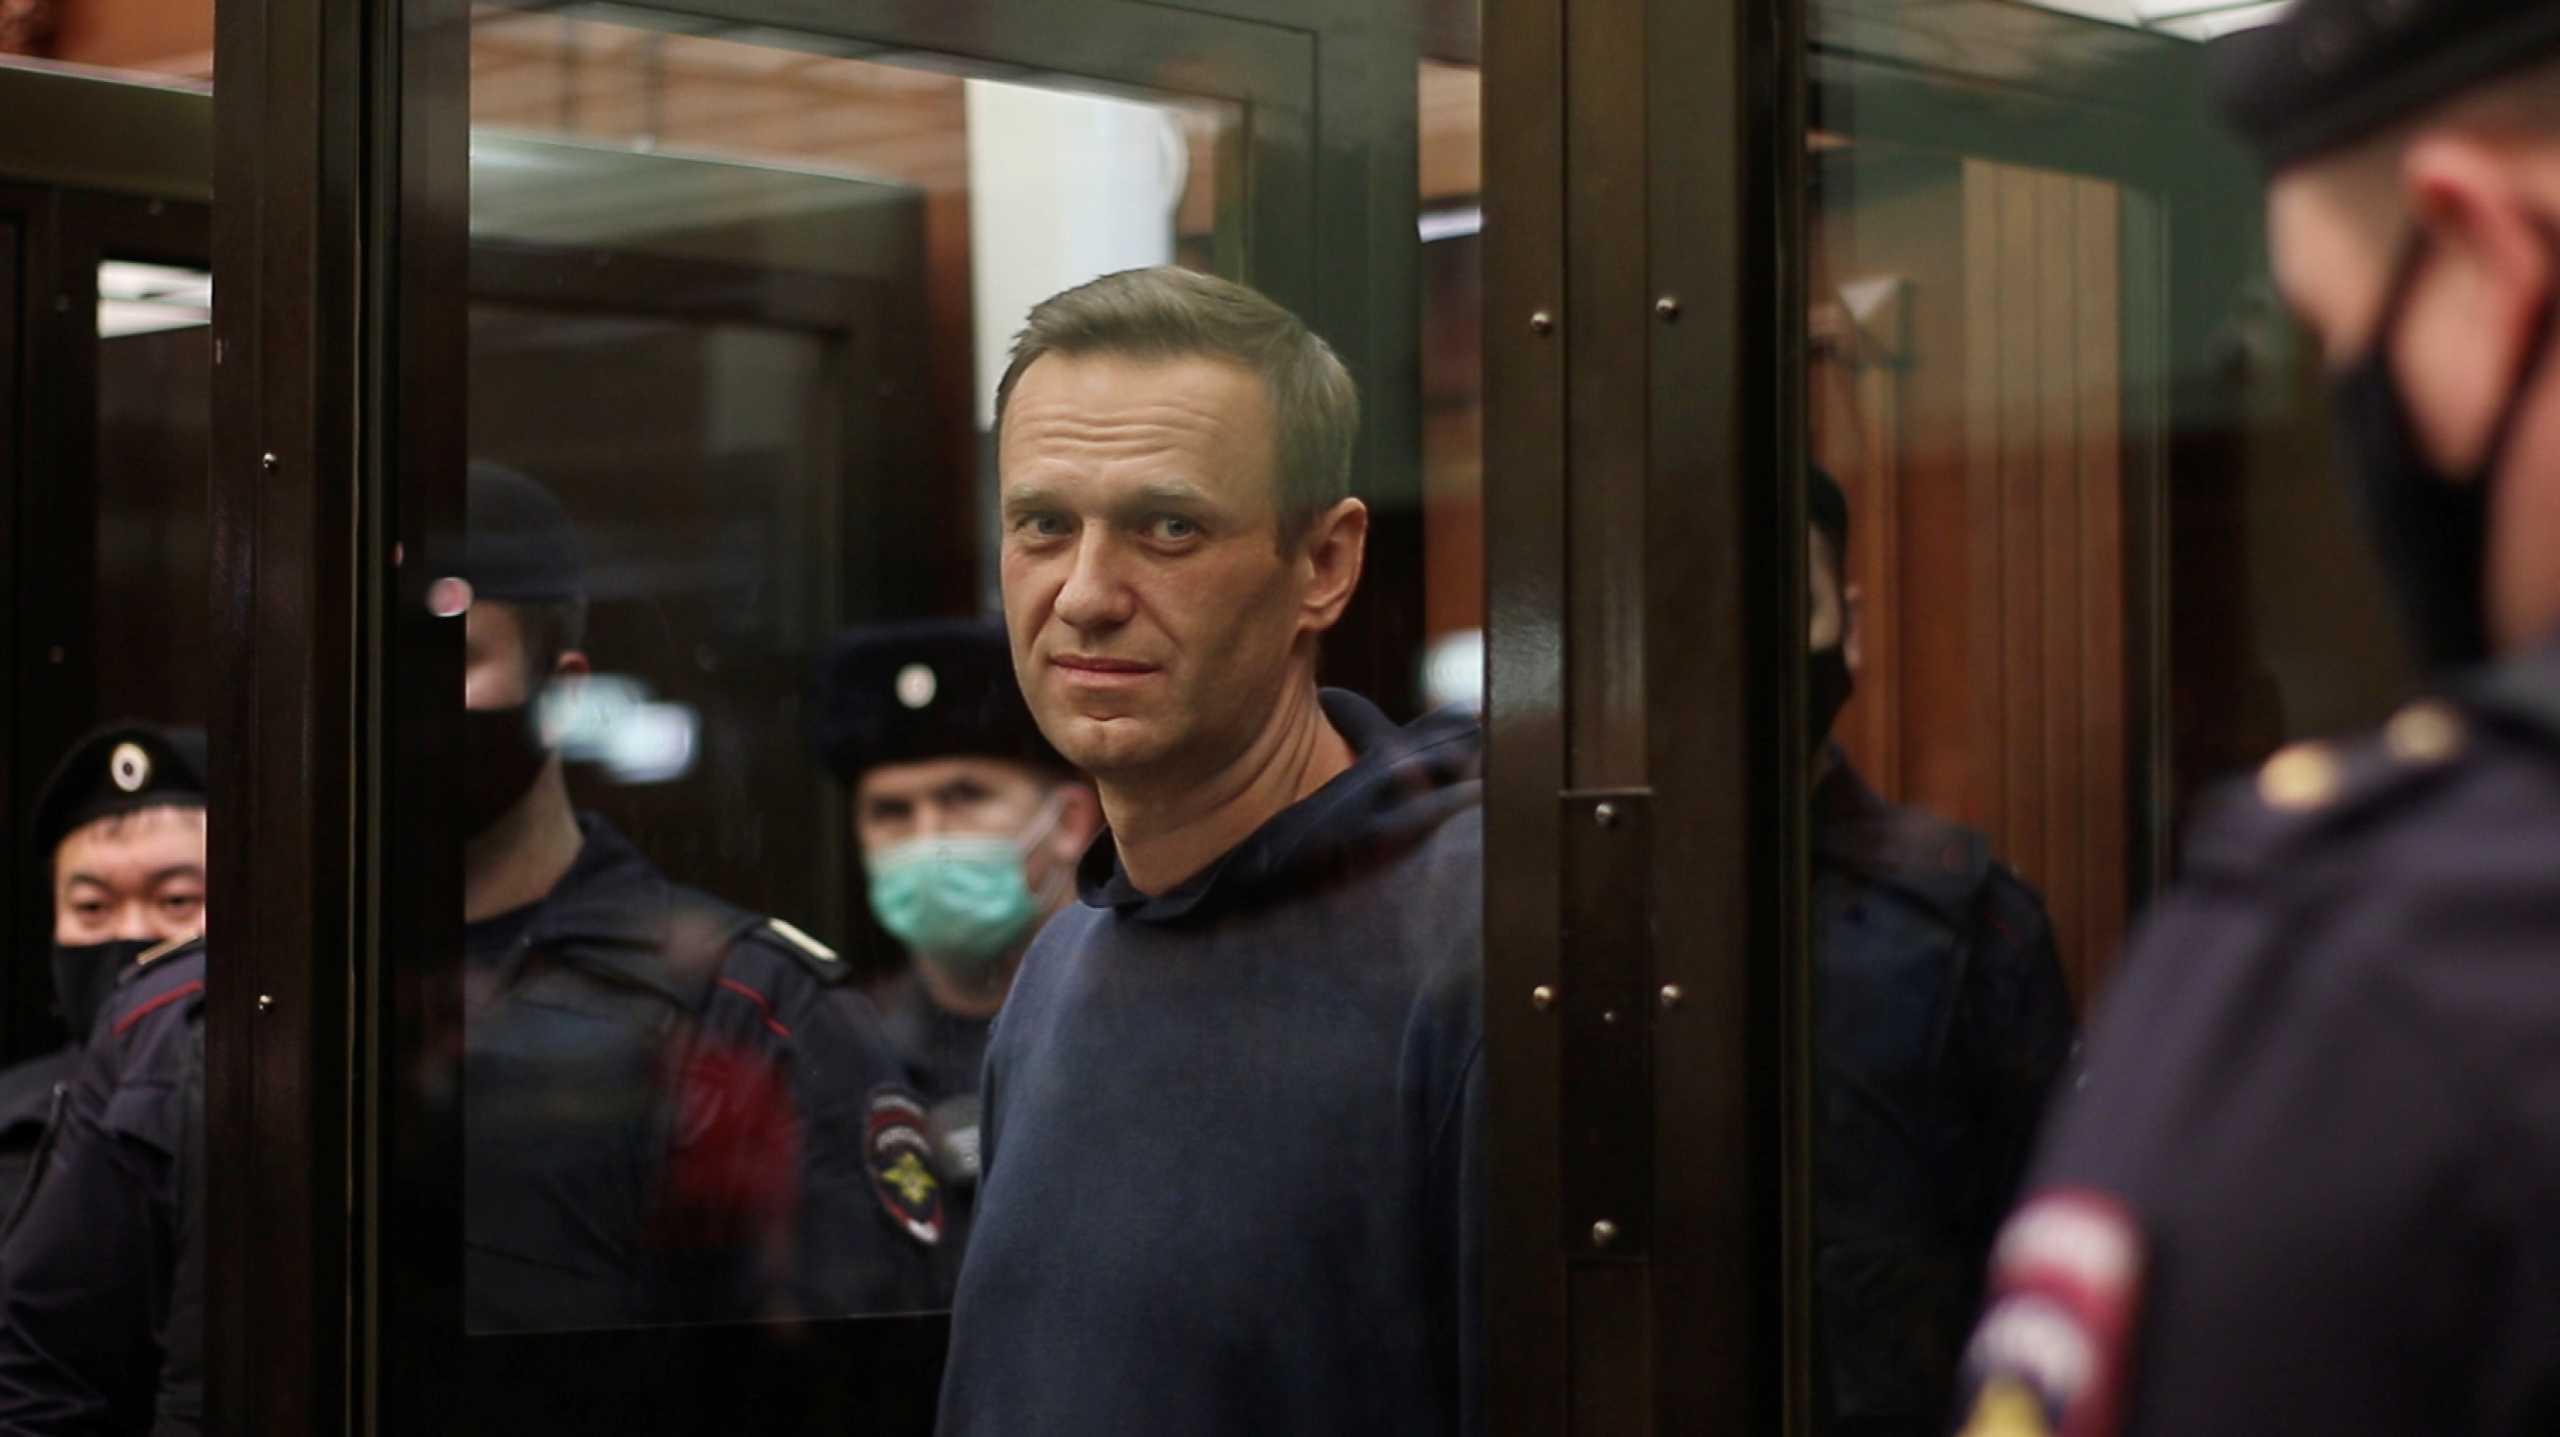 Οργή Ρωσίας με Δύση για τη φυλάκιση Ναβάλνι: Μην ανακατεύεστε